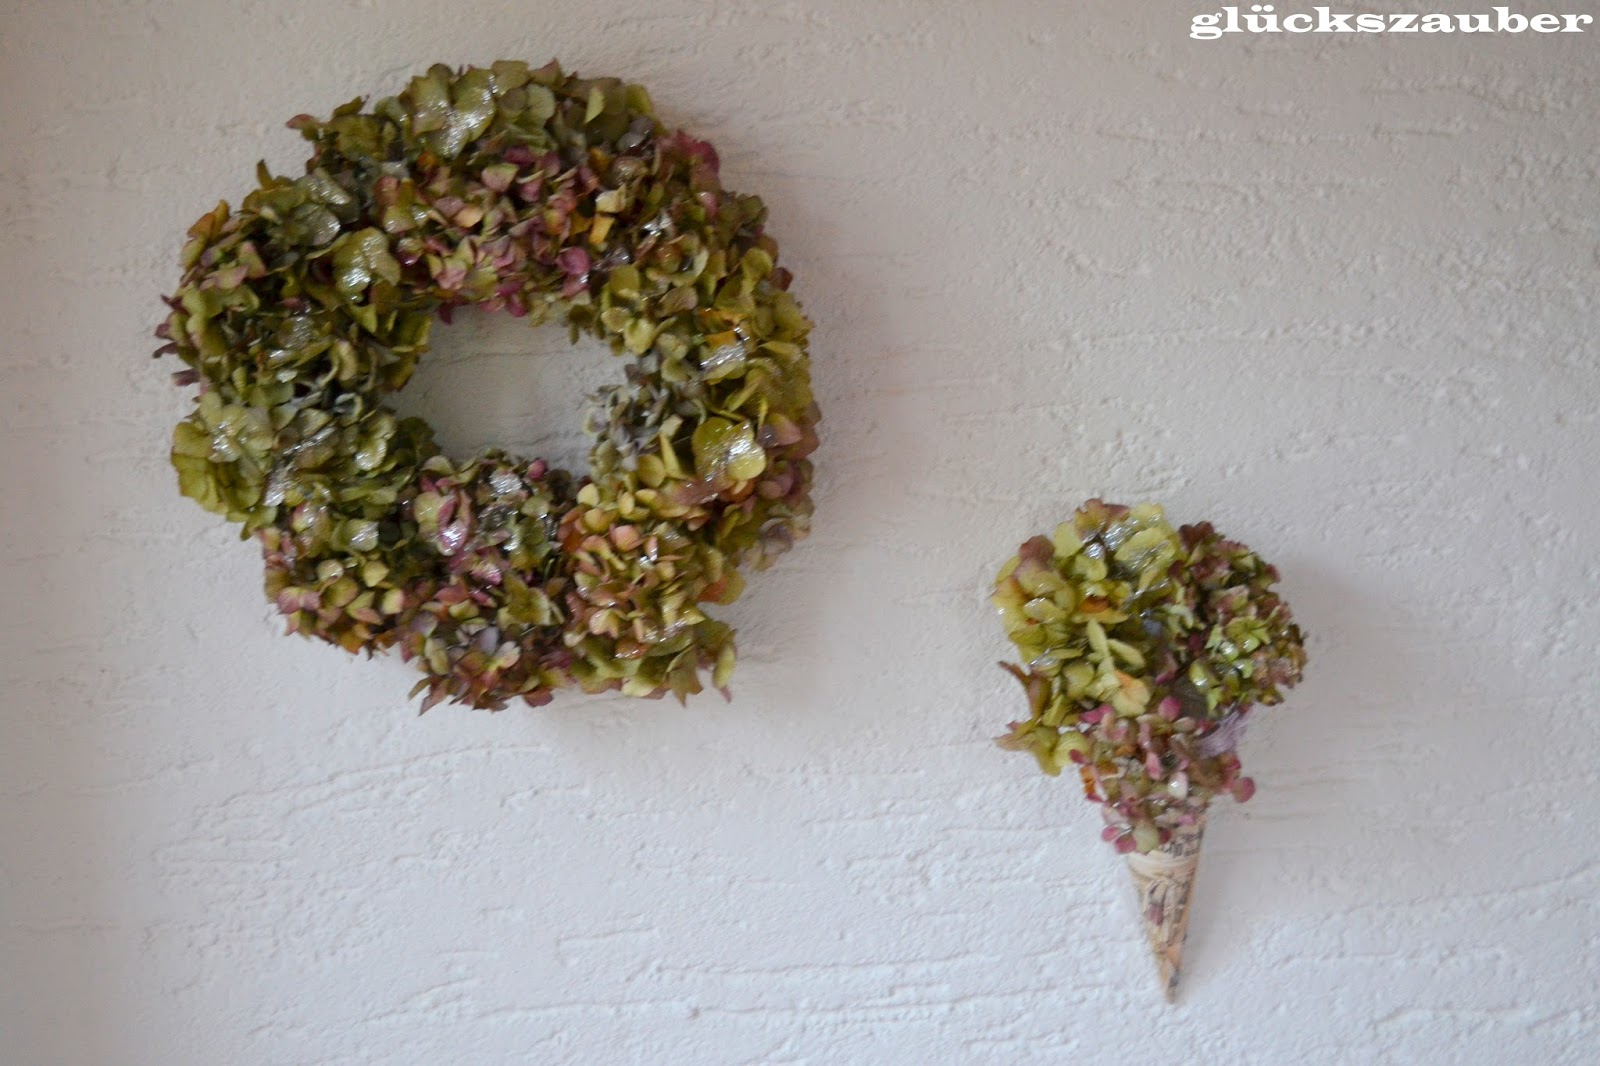 Gl ckszauber winterliche dekoration mit hortensien - Winterliche dekoration ...